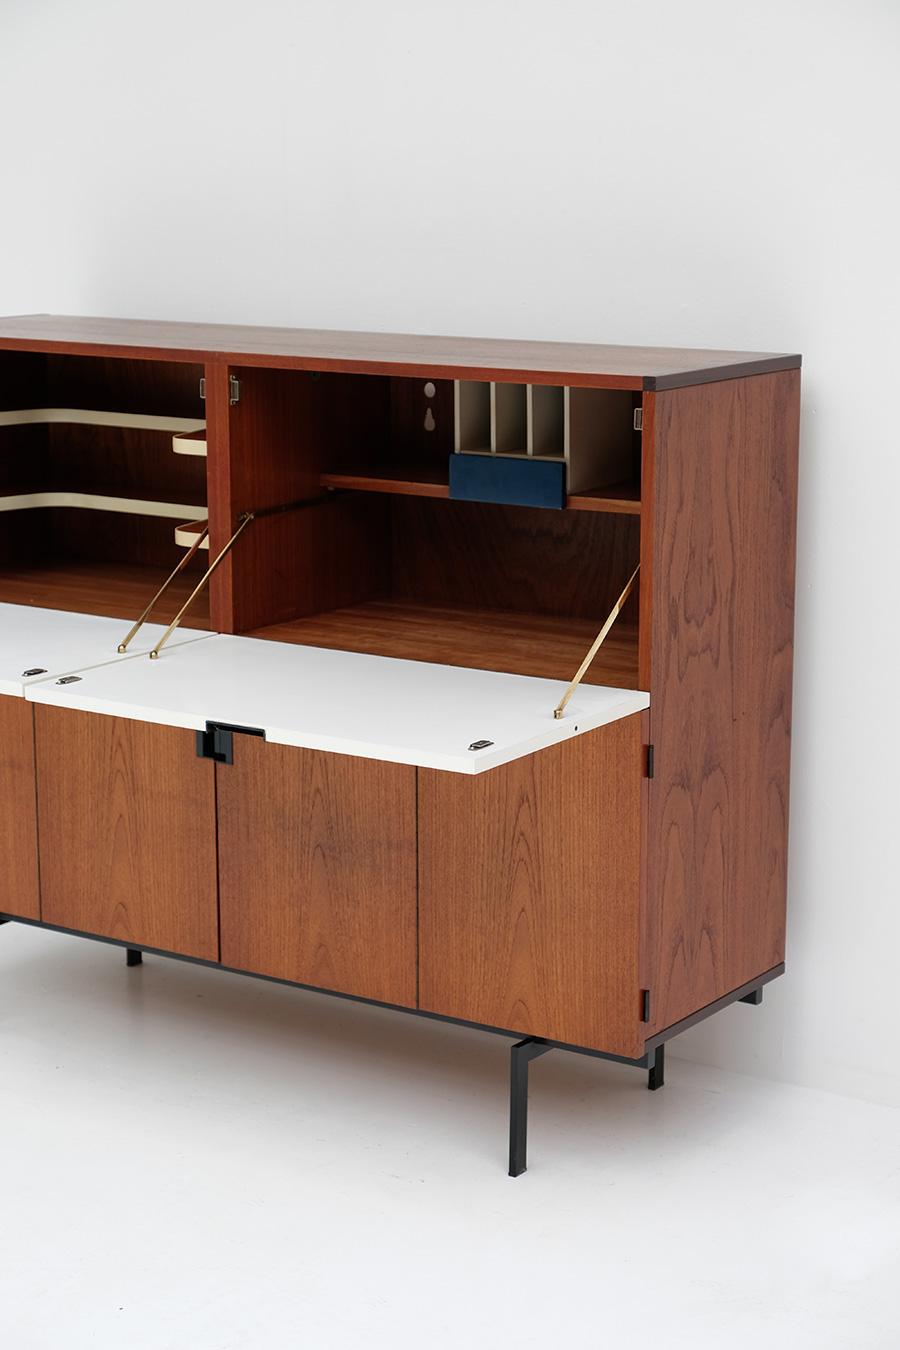 Pastoe Cees Braakman Cabinet